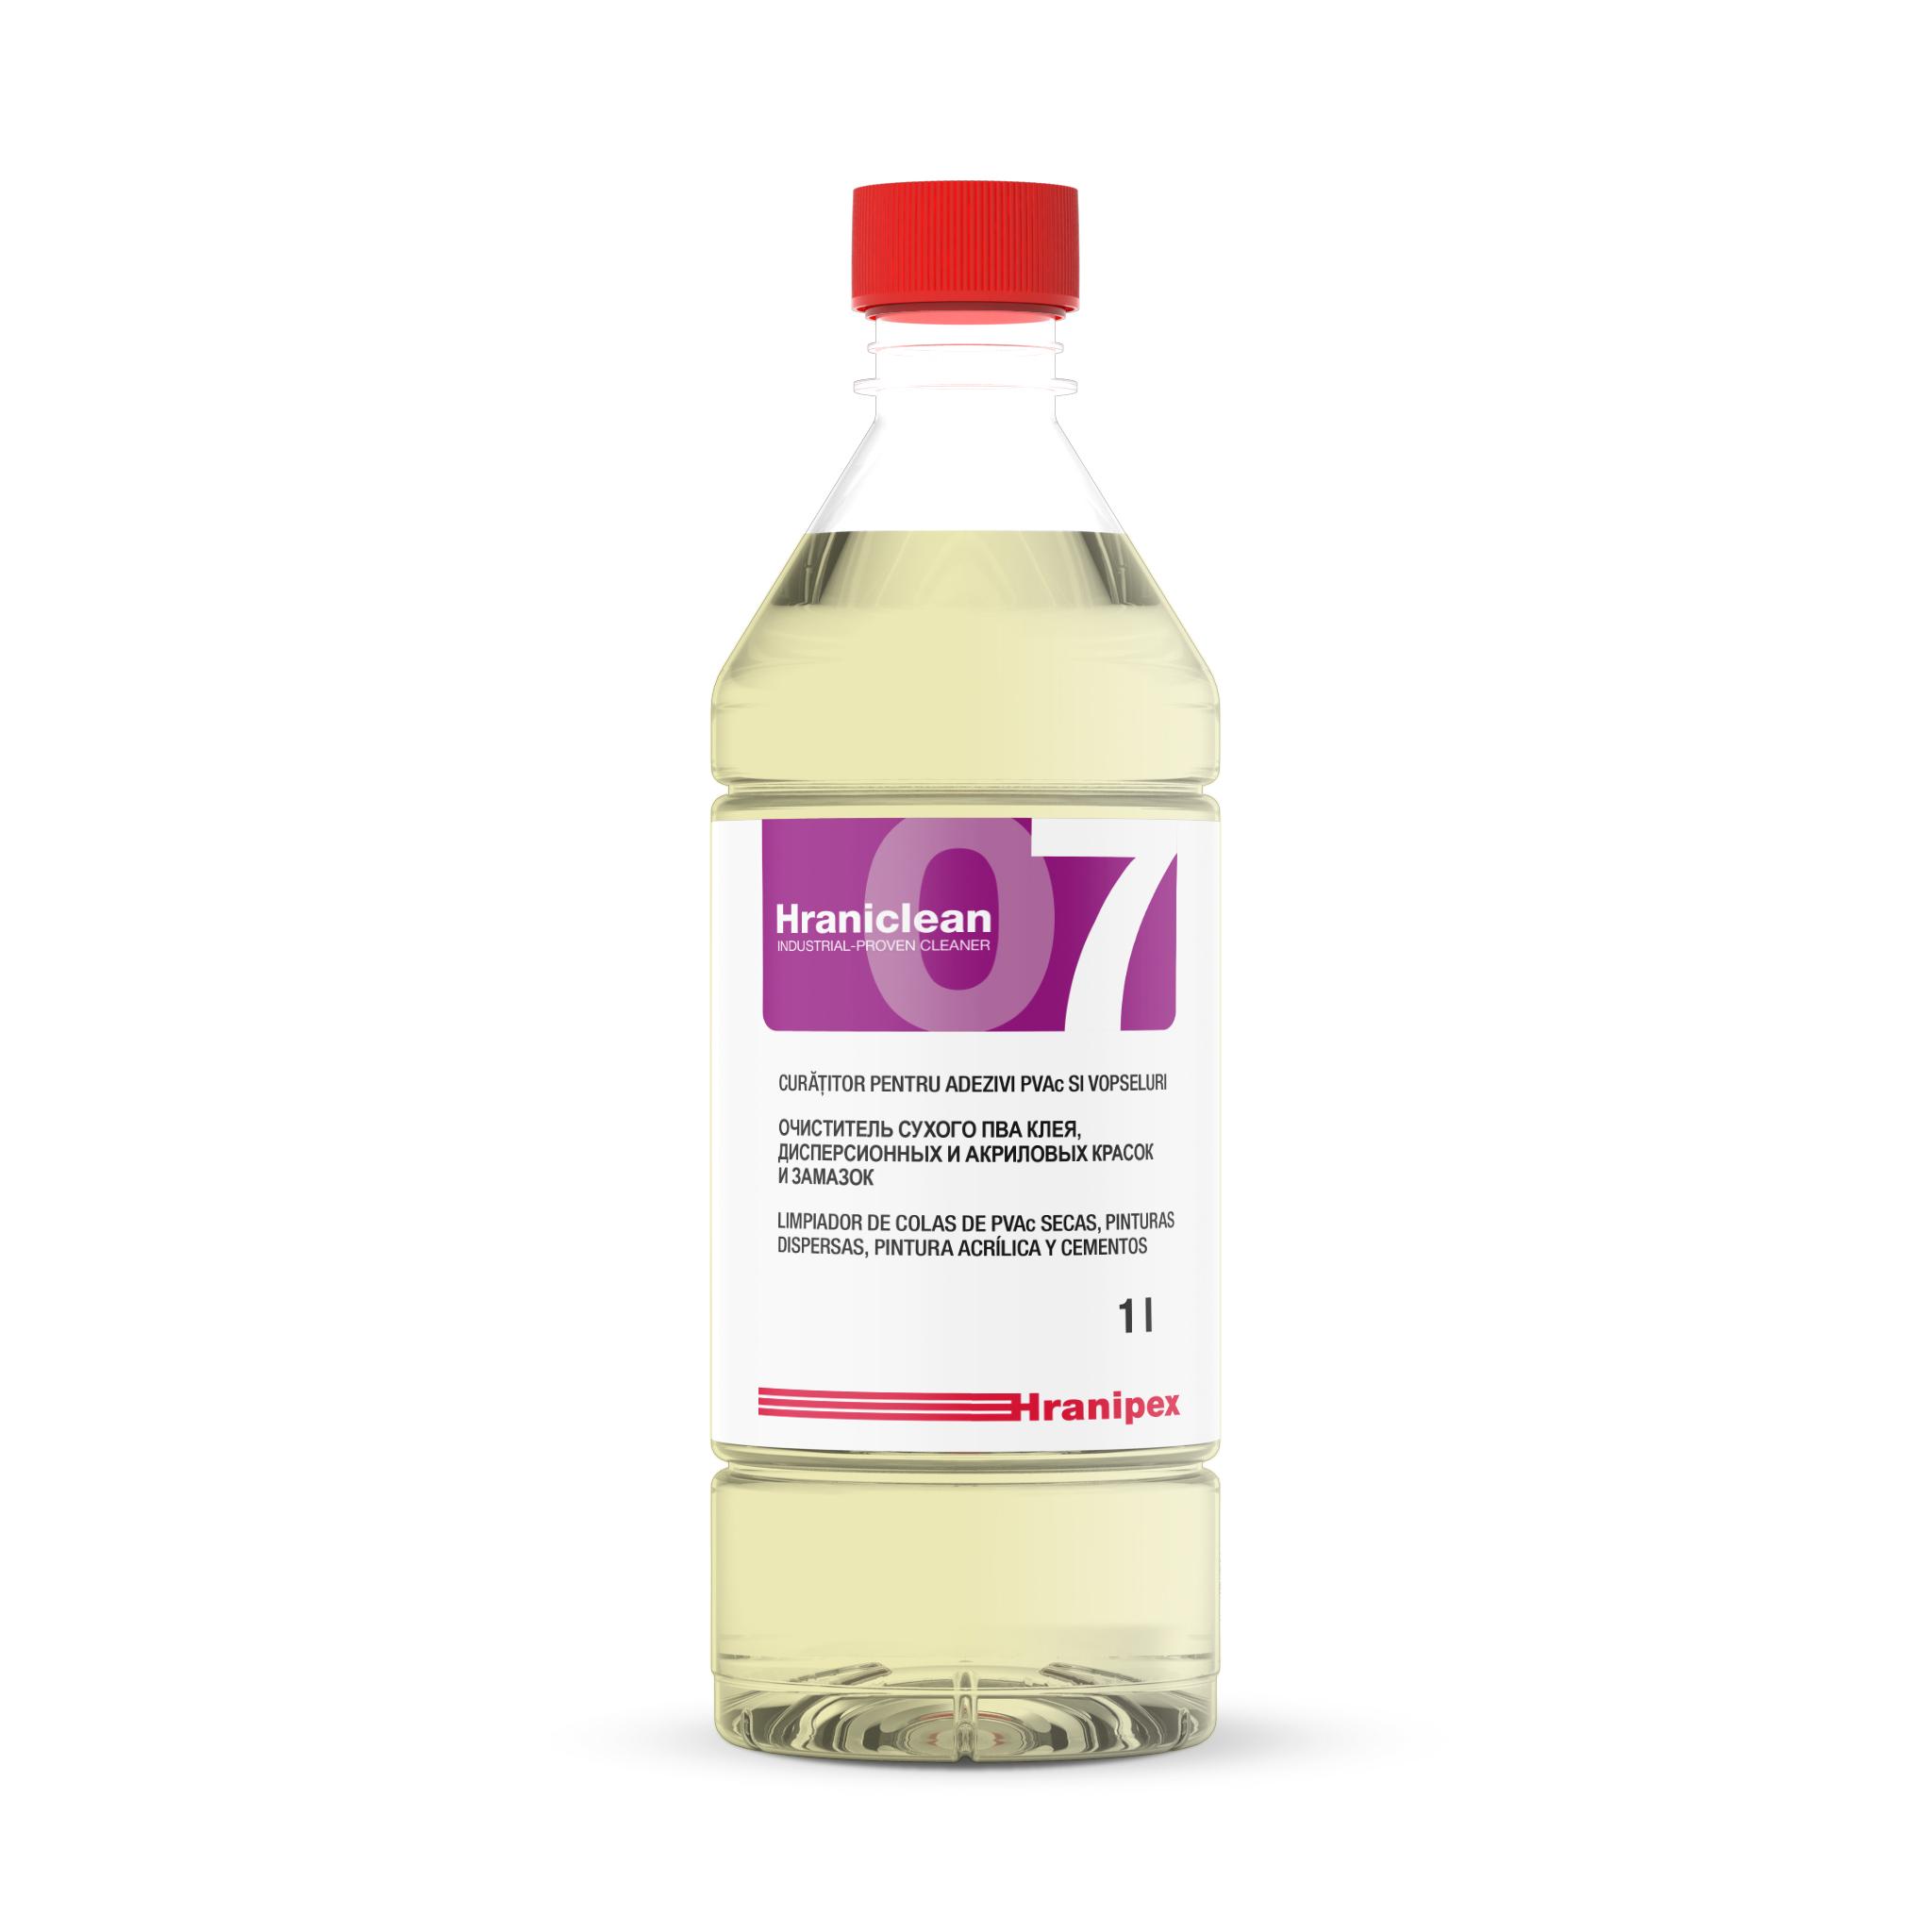 HRANICLEAN 07 Agente limpiador concentrado de adhesivo PVAc y pinturas. 1 l